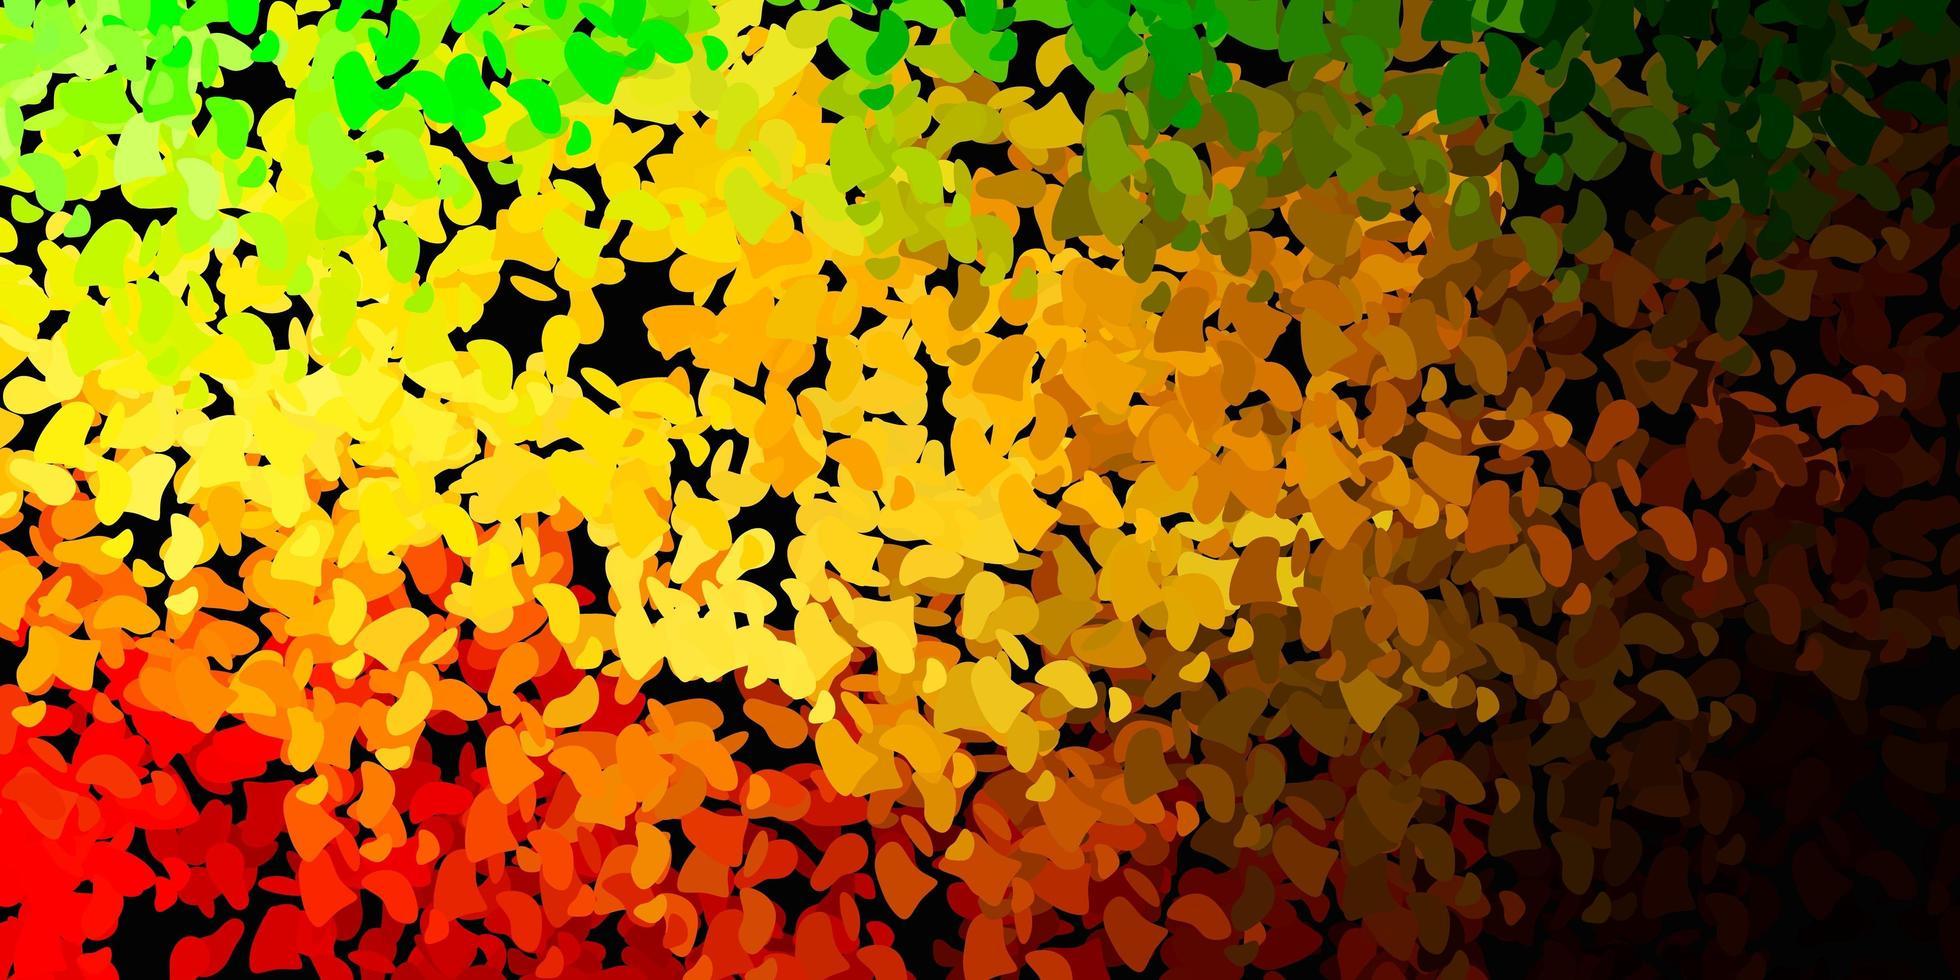 modèle vectoriel vert foncé, jaune avec des formes abstraites.